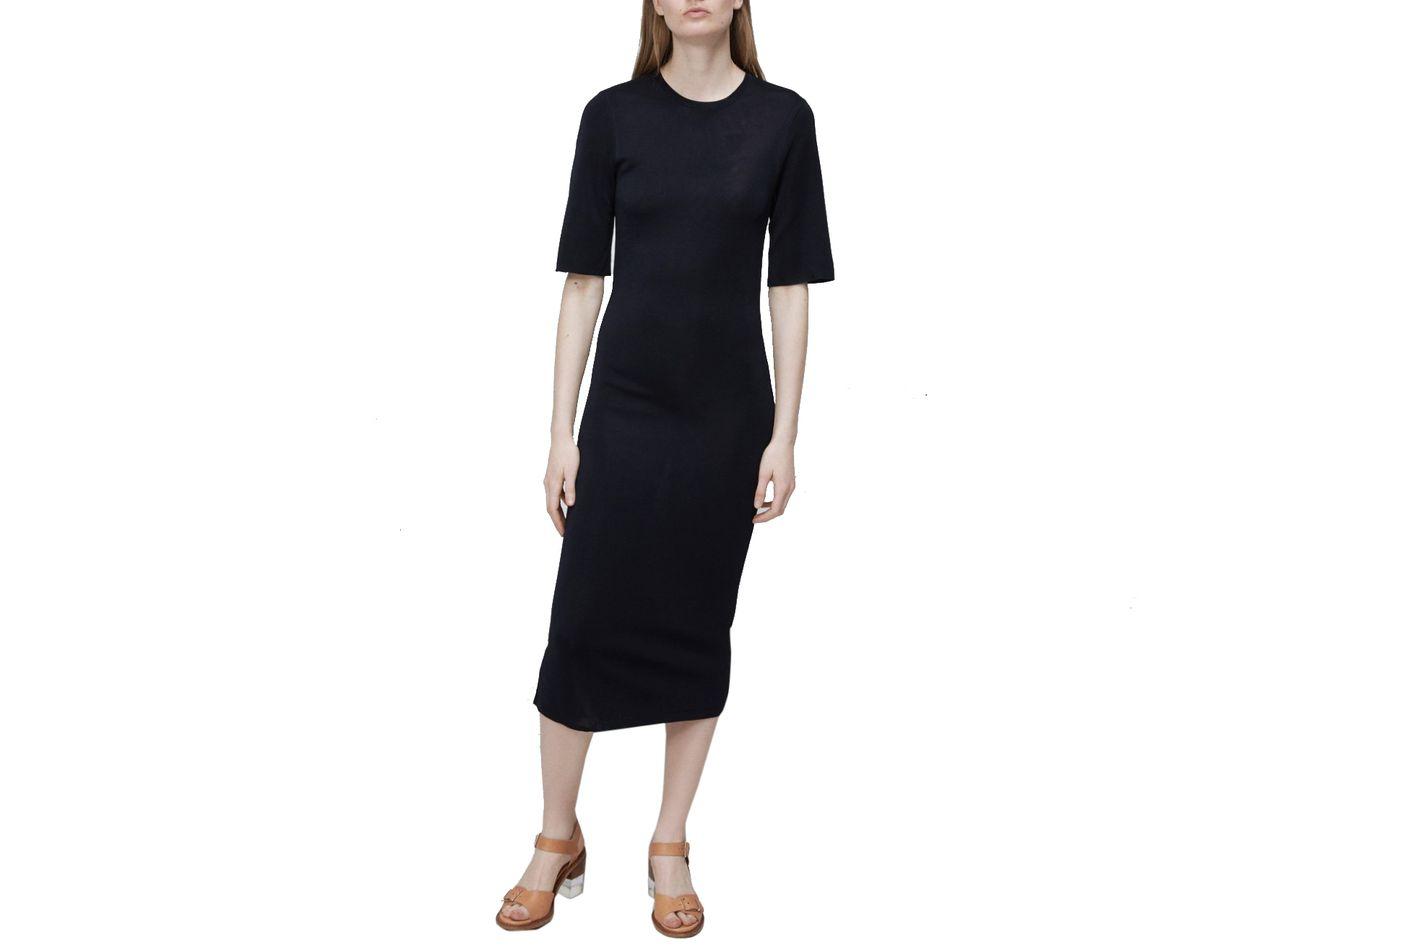 Protagonist Knit T-Shirt Dress